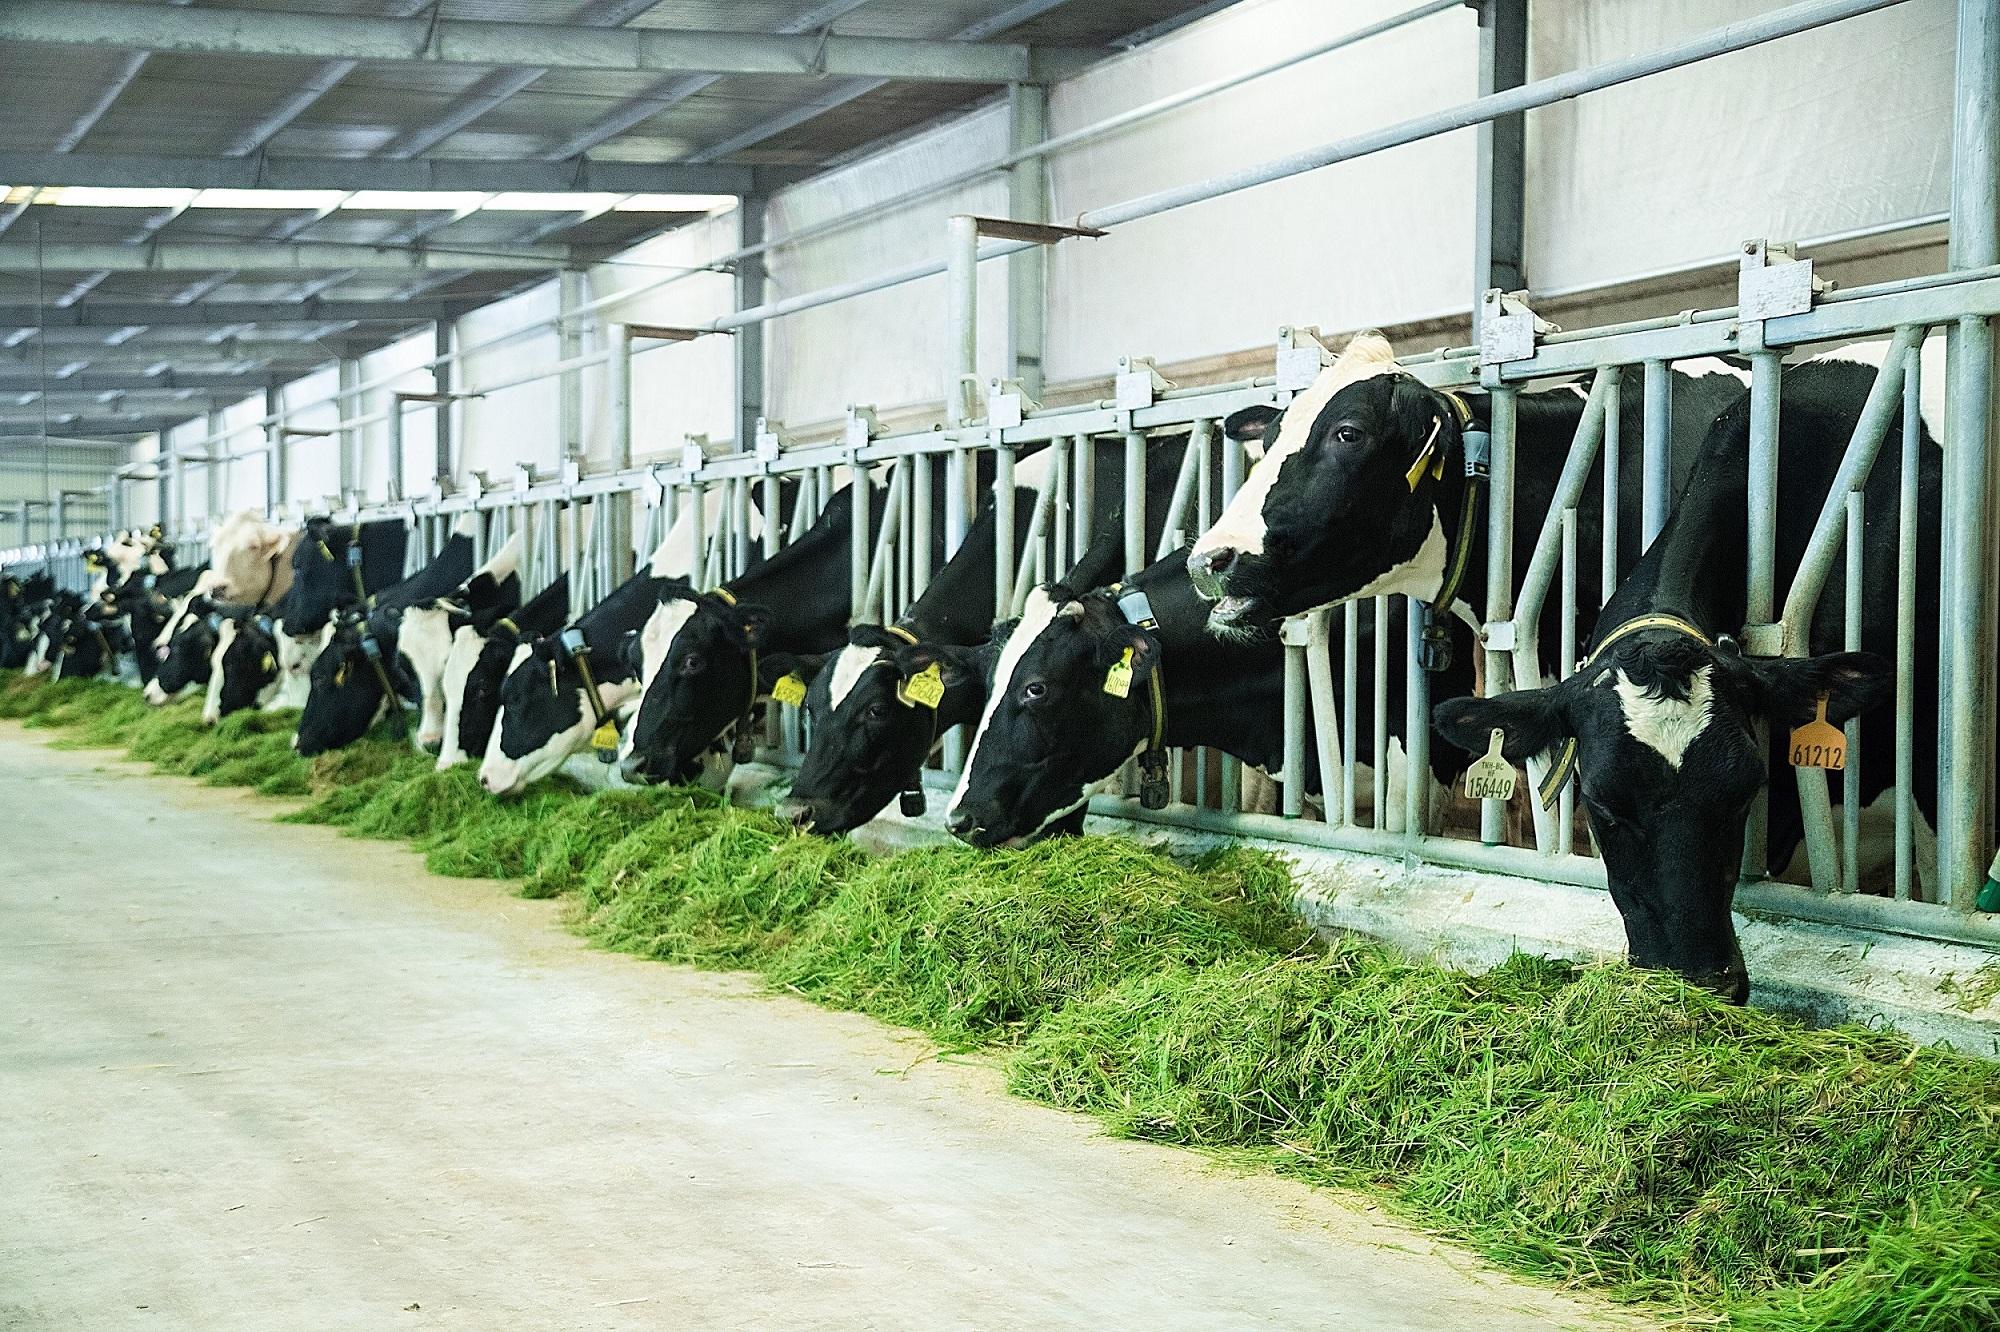 Mise en chantier d'un projet d'élevage laitier de 108 millions de dollars à Kon Tum